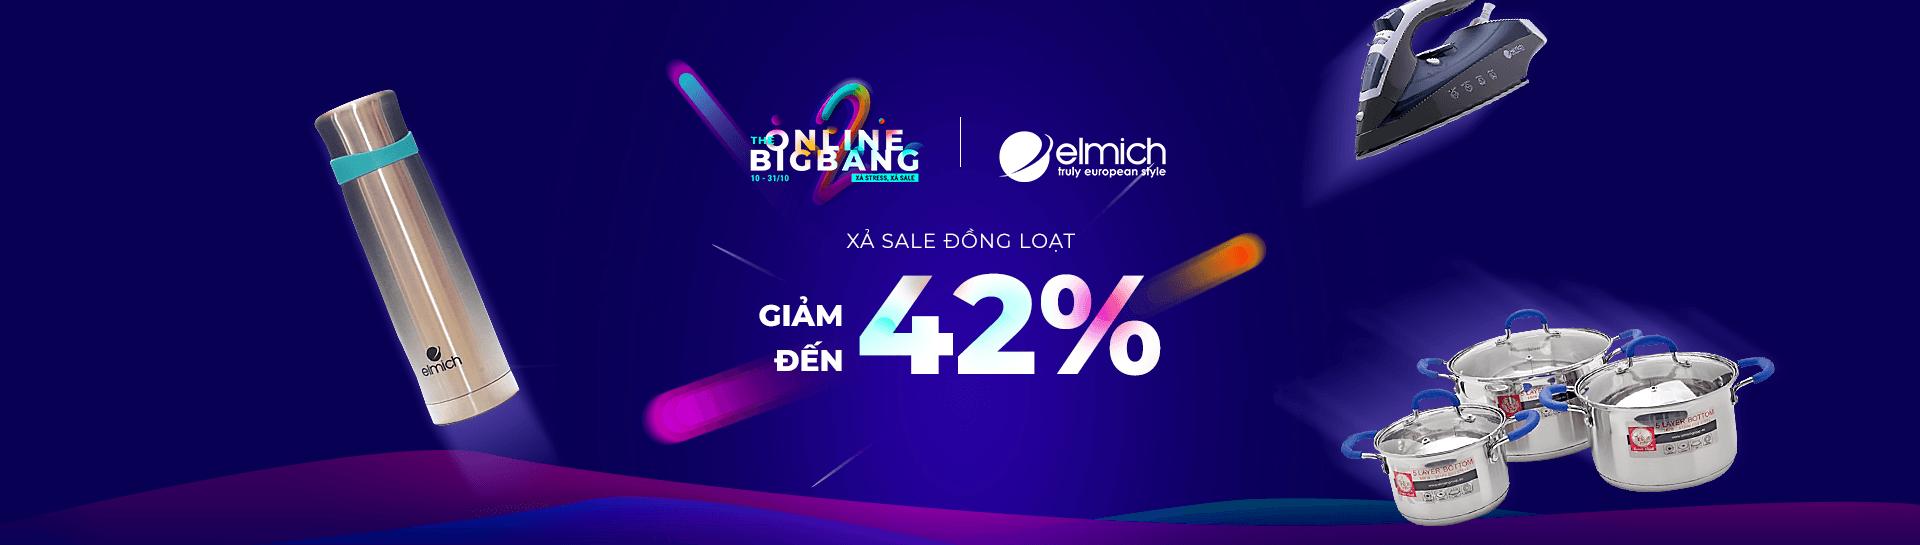 Elmich - Giảm giá đến 50%